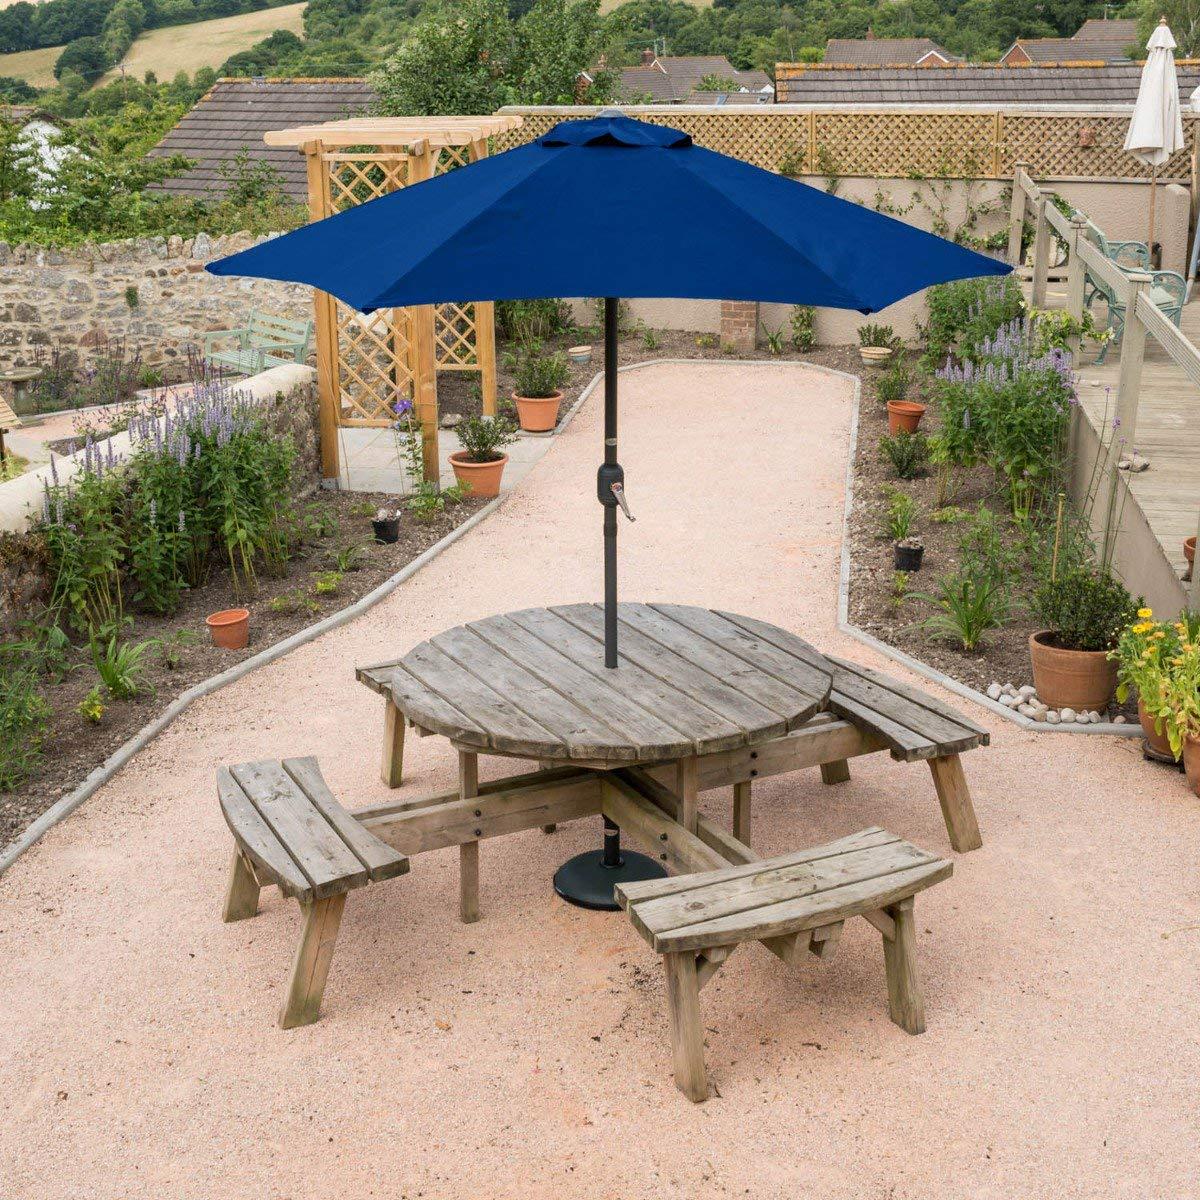 Christow Garden Parasol Umbrella Aluminium Patio Sun Shade UV With Crank 2.4m